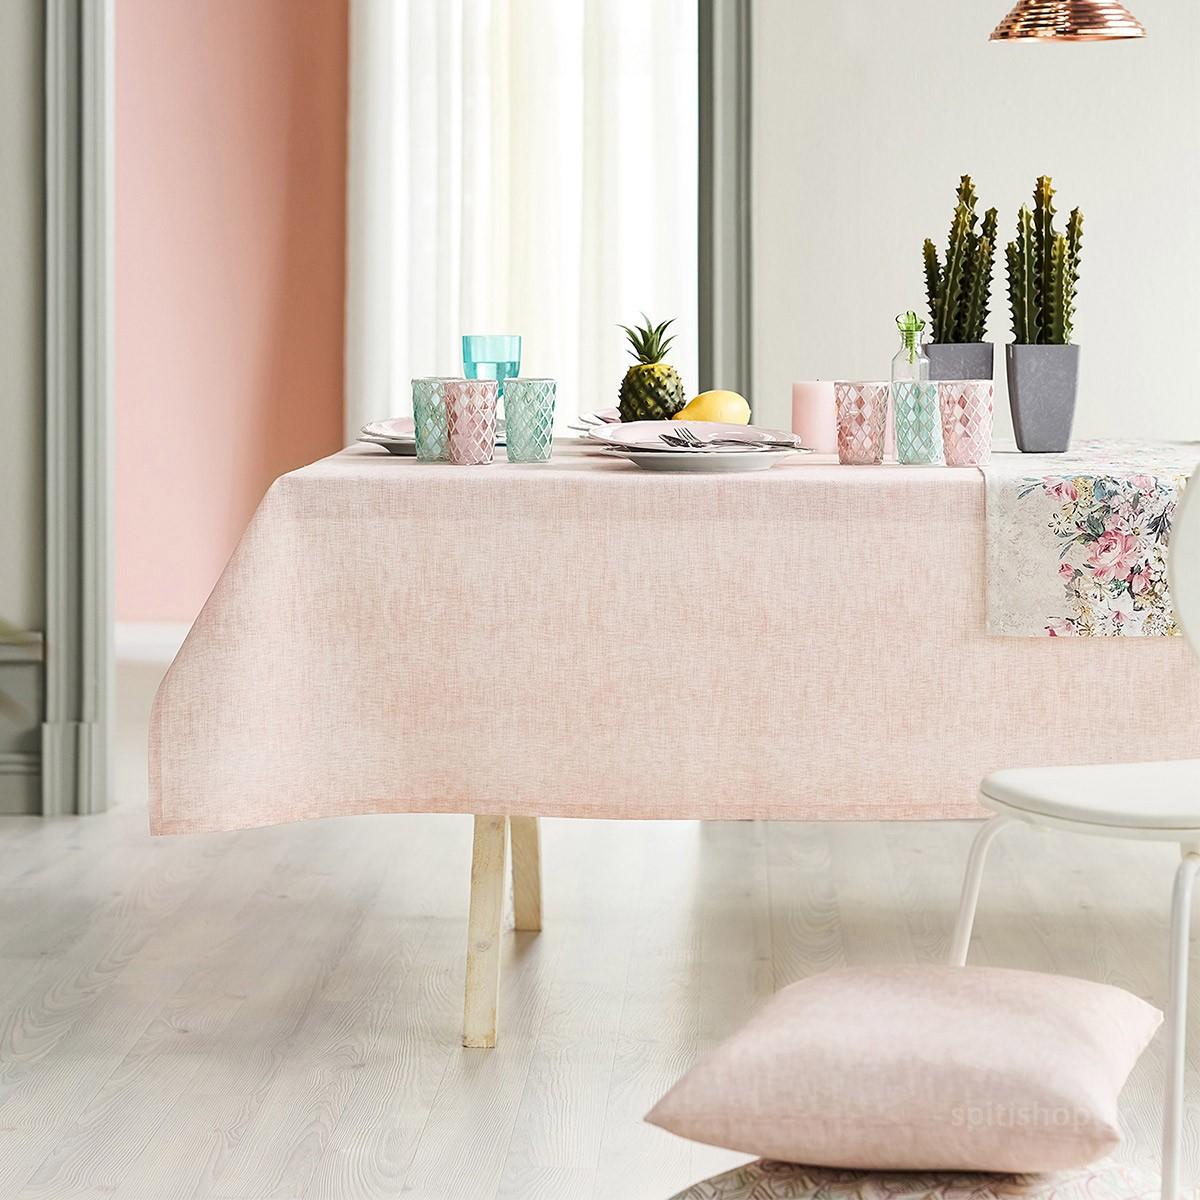 Τραπεζομάντηλο (135×220) Gofis Home Mood Pink 263/17